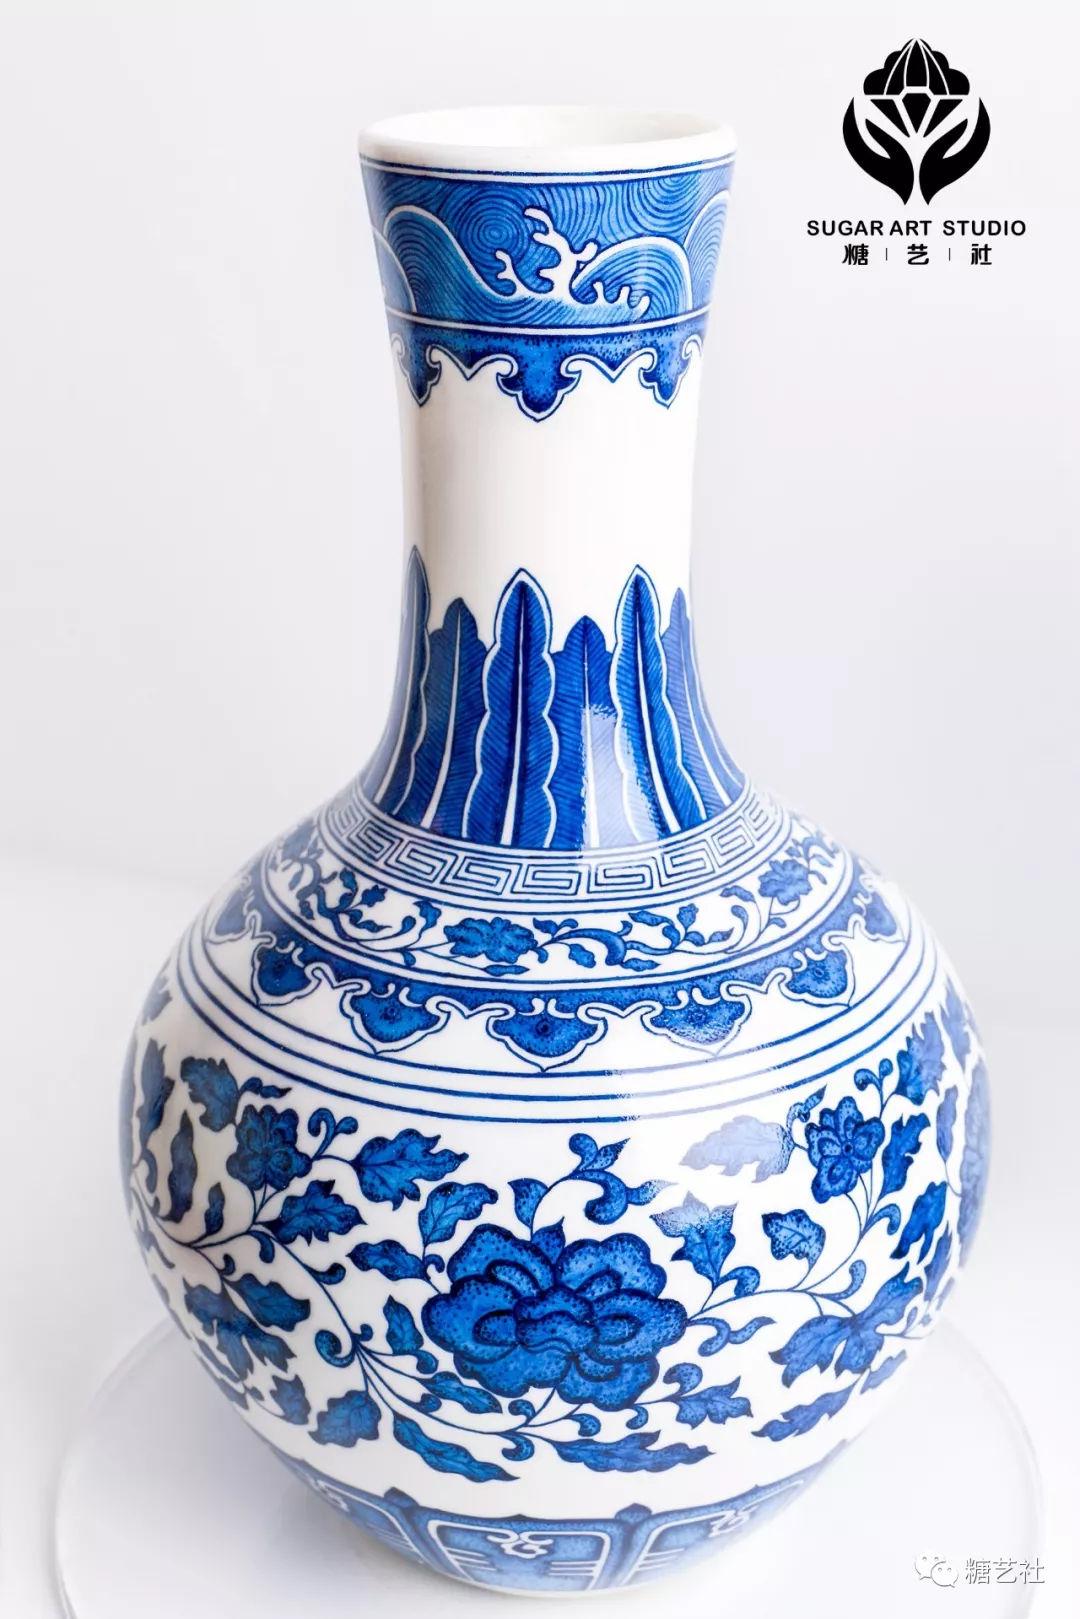 / 主要技法:染色画风 / 这组翻糖文创作品,将会在景德镇展出。我们想将翻糖技法创新,来做出更多的传统工艺,让经典文化不仅可以用陶瓷陶罐来呈现。现在很少会有人用食材去呈现传统文化,希望美食界也能够有一个自己的博物馆,让做美食的匠人也可以为文化传承做贡献。